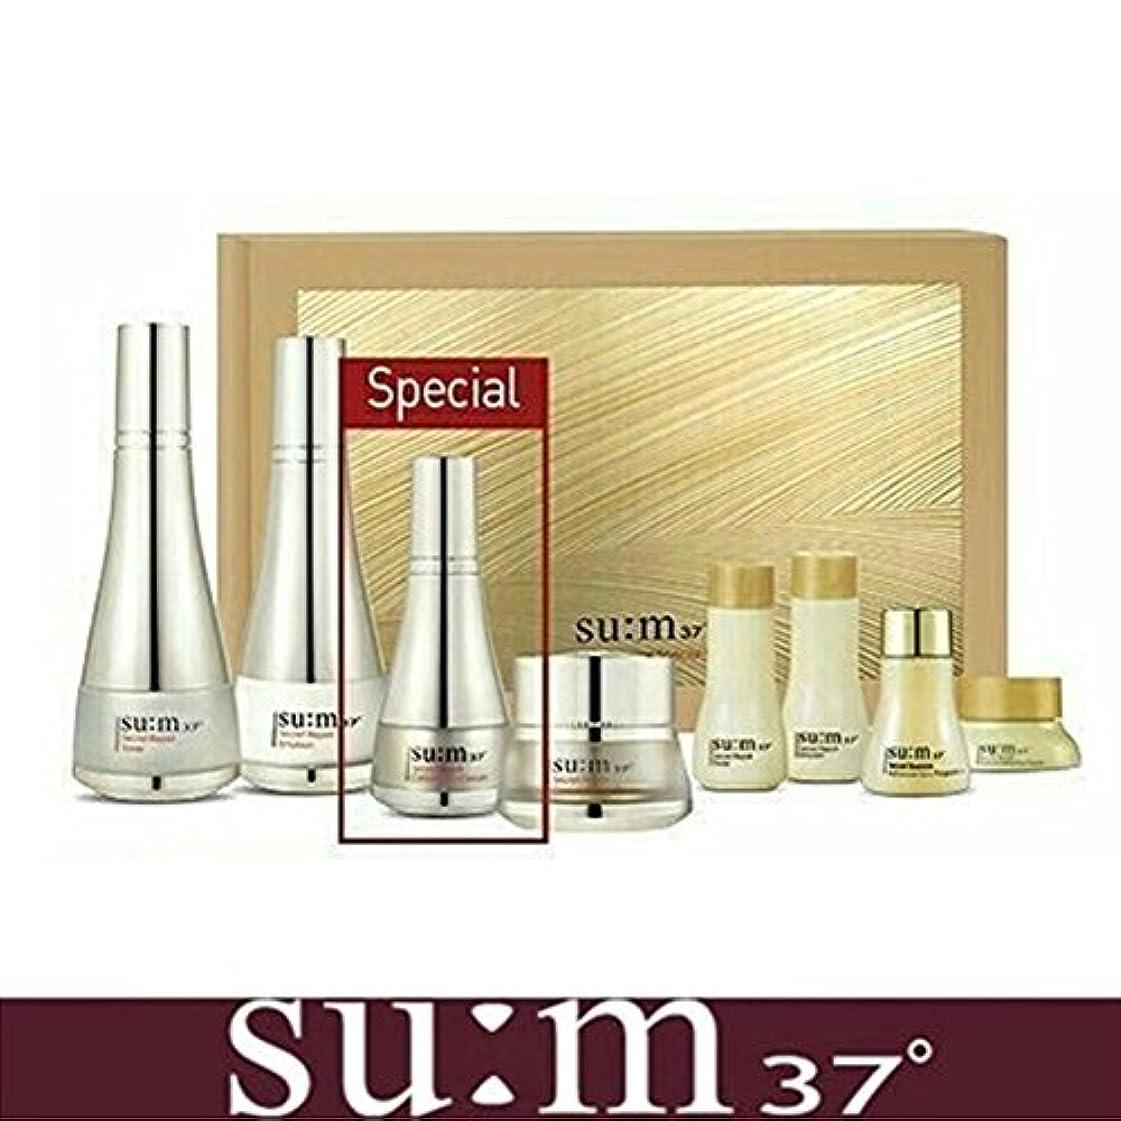 外科医アルファベット順自然[su:m37/スム37°] SUM37 Secret Repair 3pcs Special Skincare Set / シークレットリペア3種セット+[Sample Gift](海外直送品)